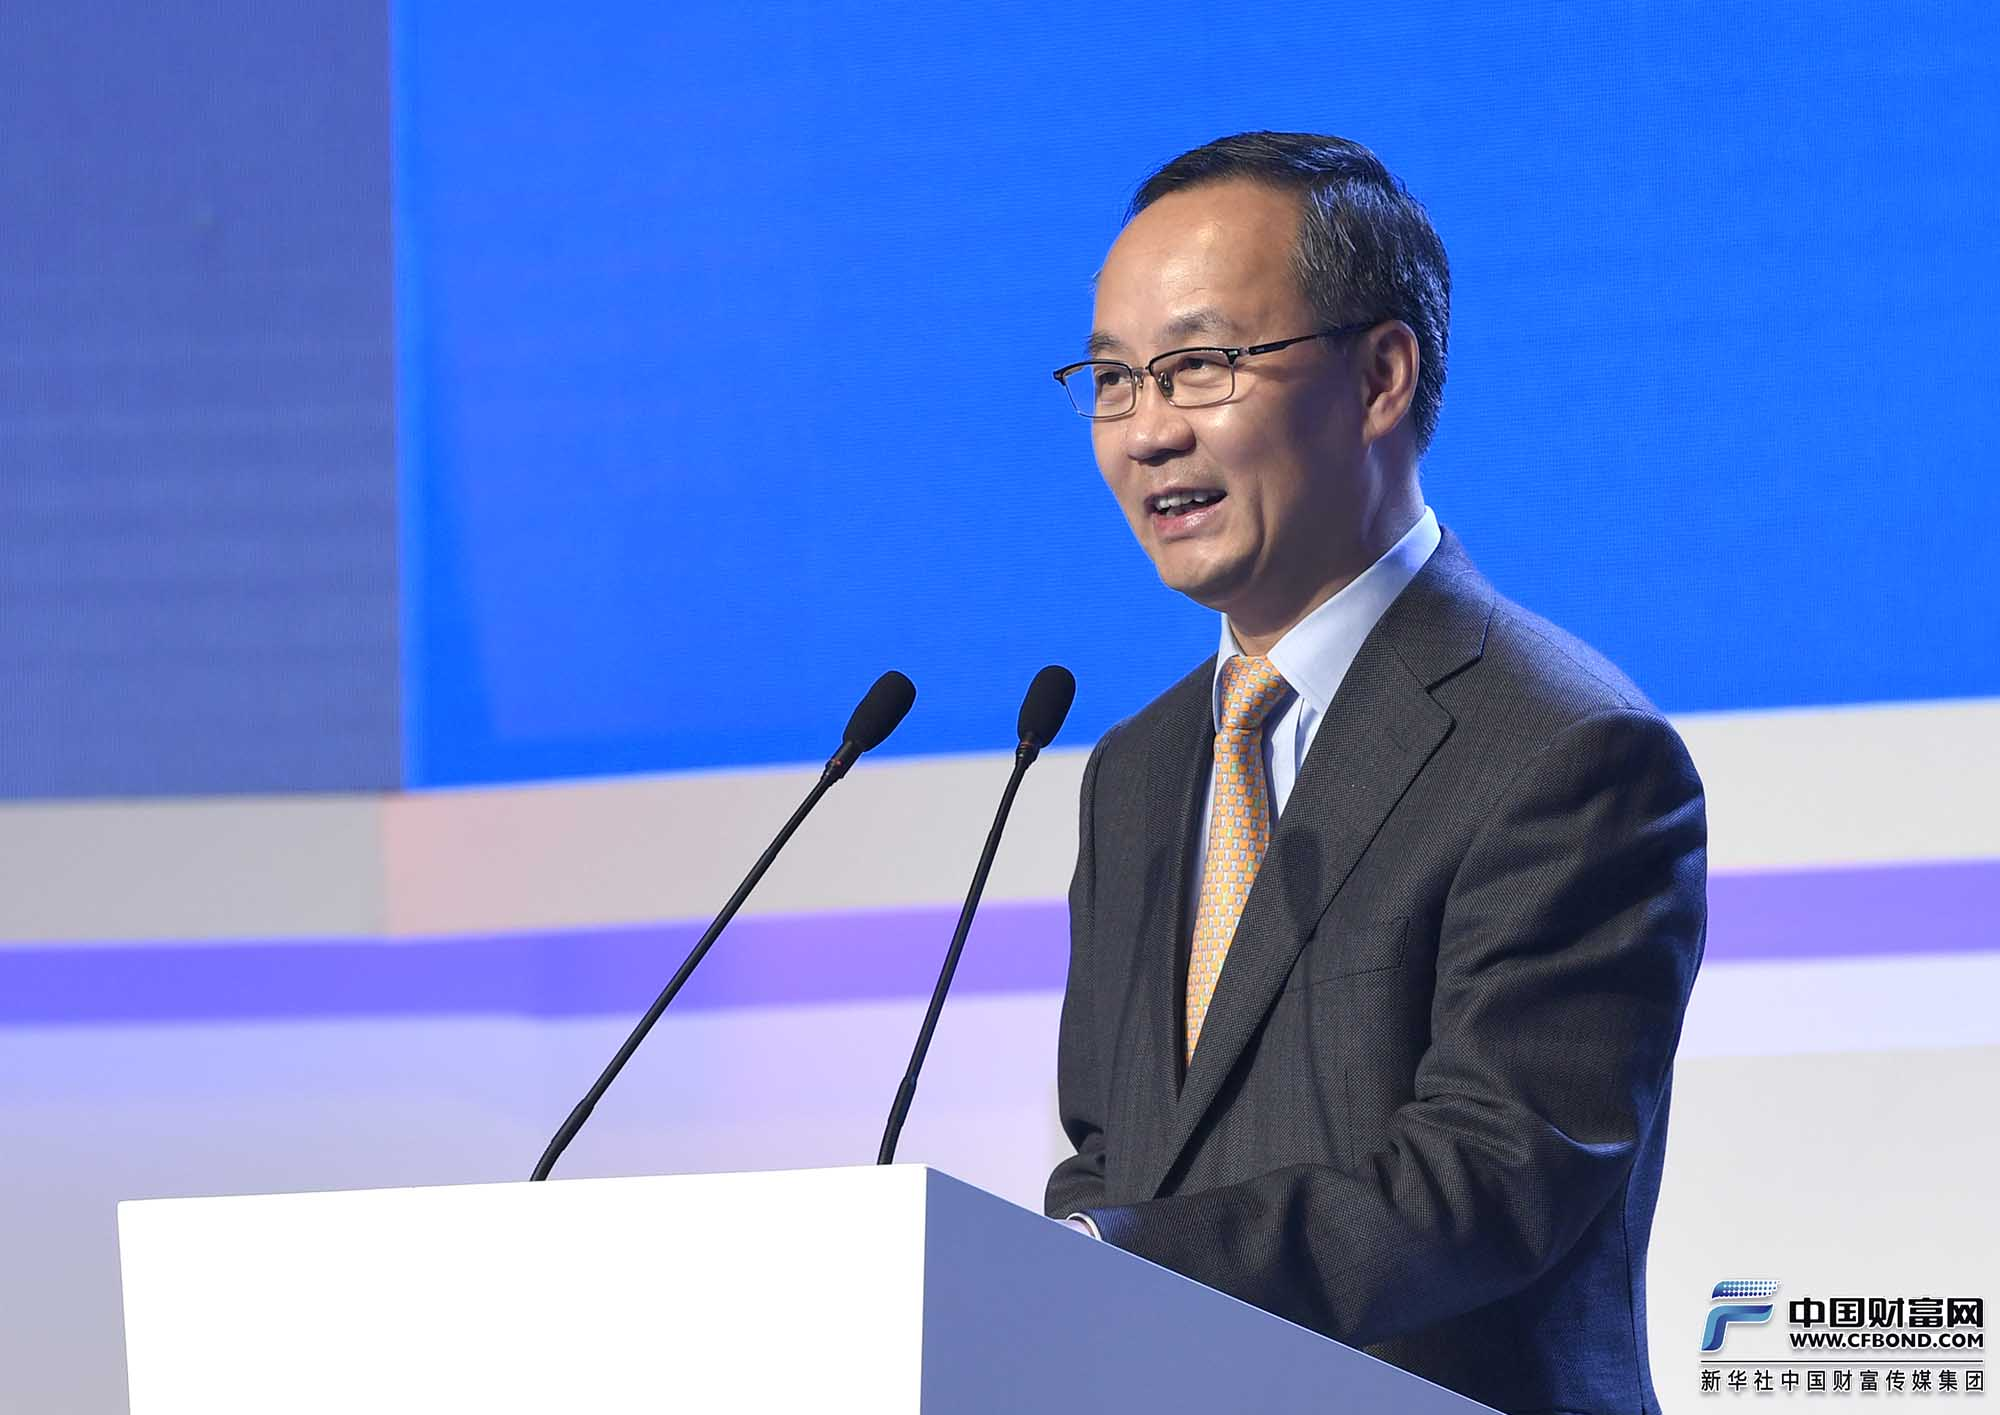 主持人:四川省人民政府副省长李云泽